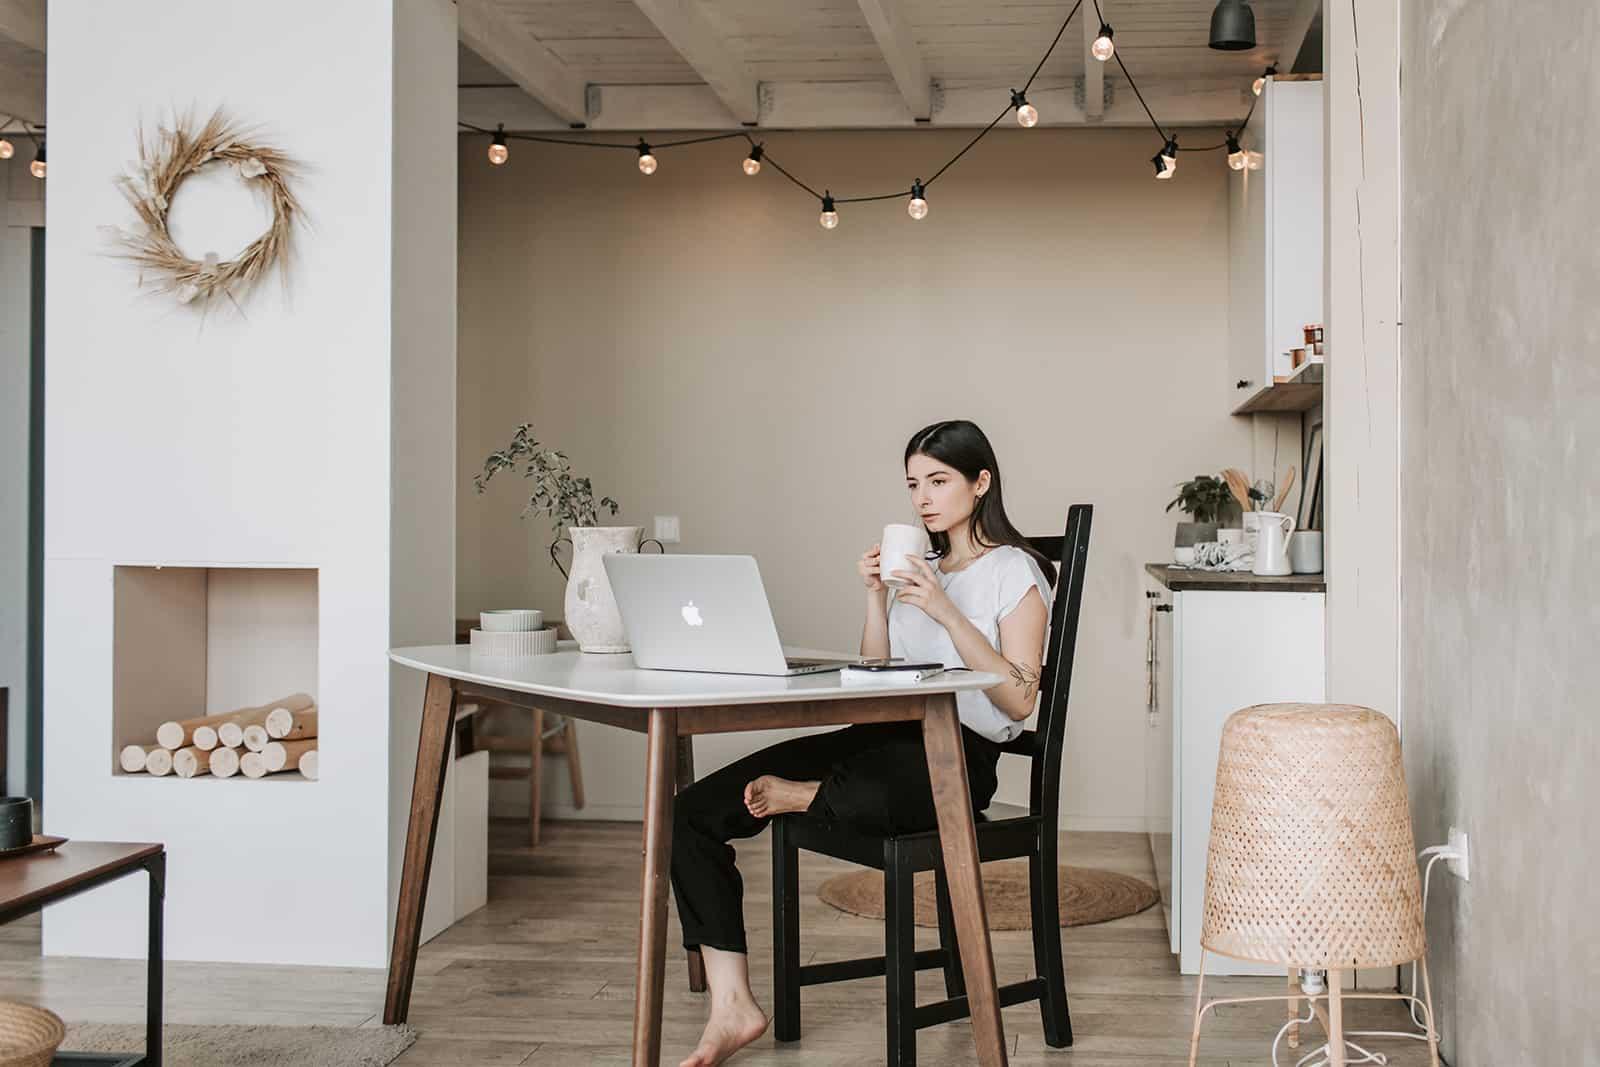 une femme concentrée buvant du café assise à la table devant un ordinateur portable